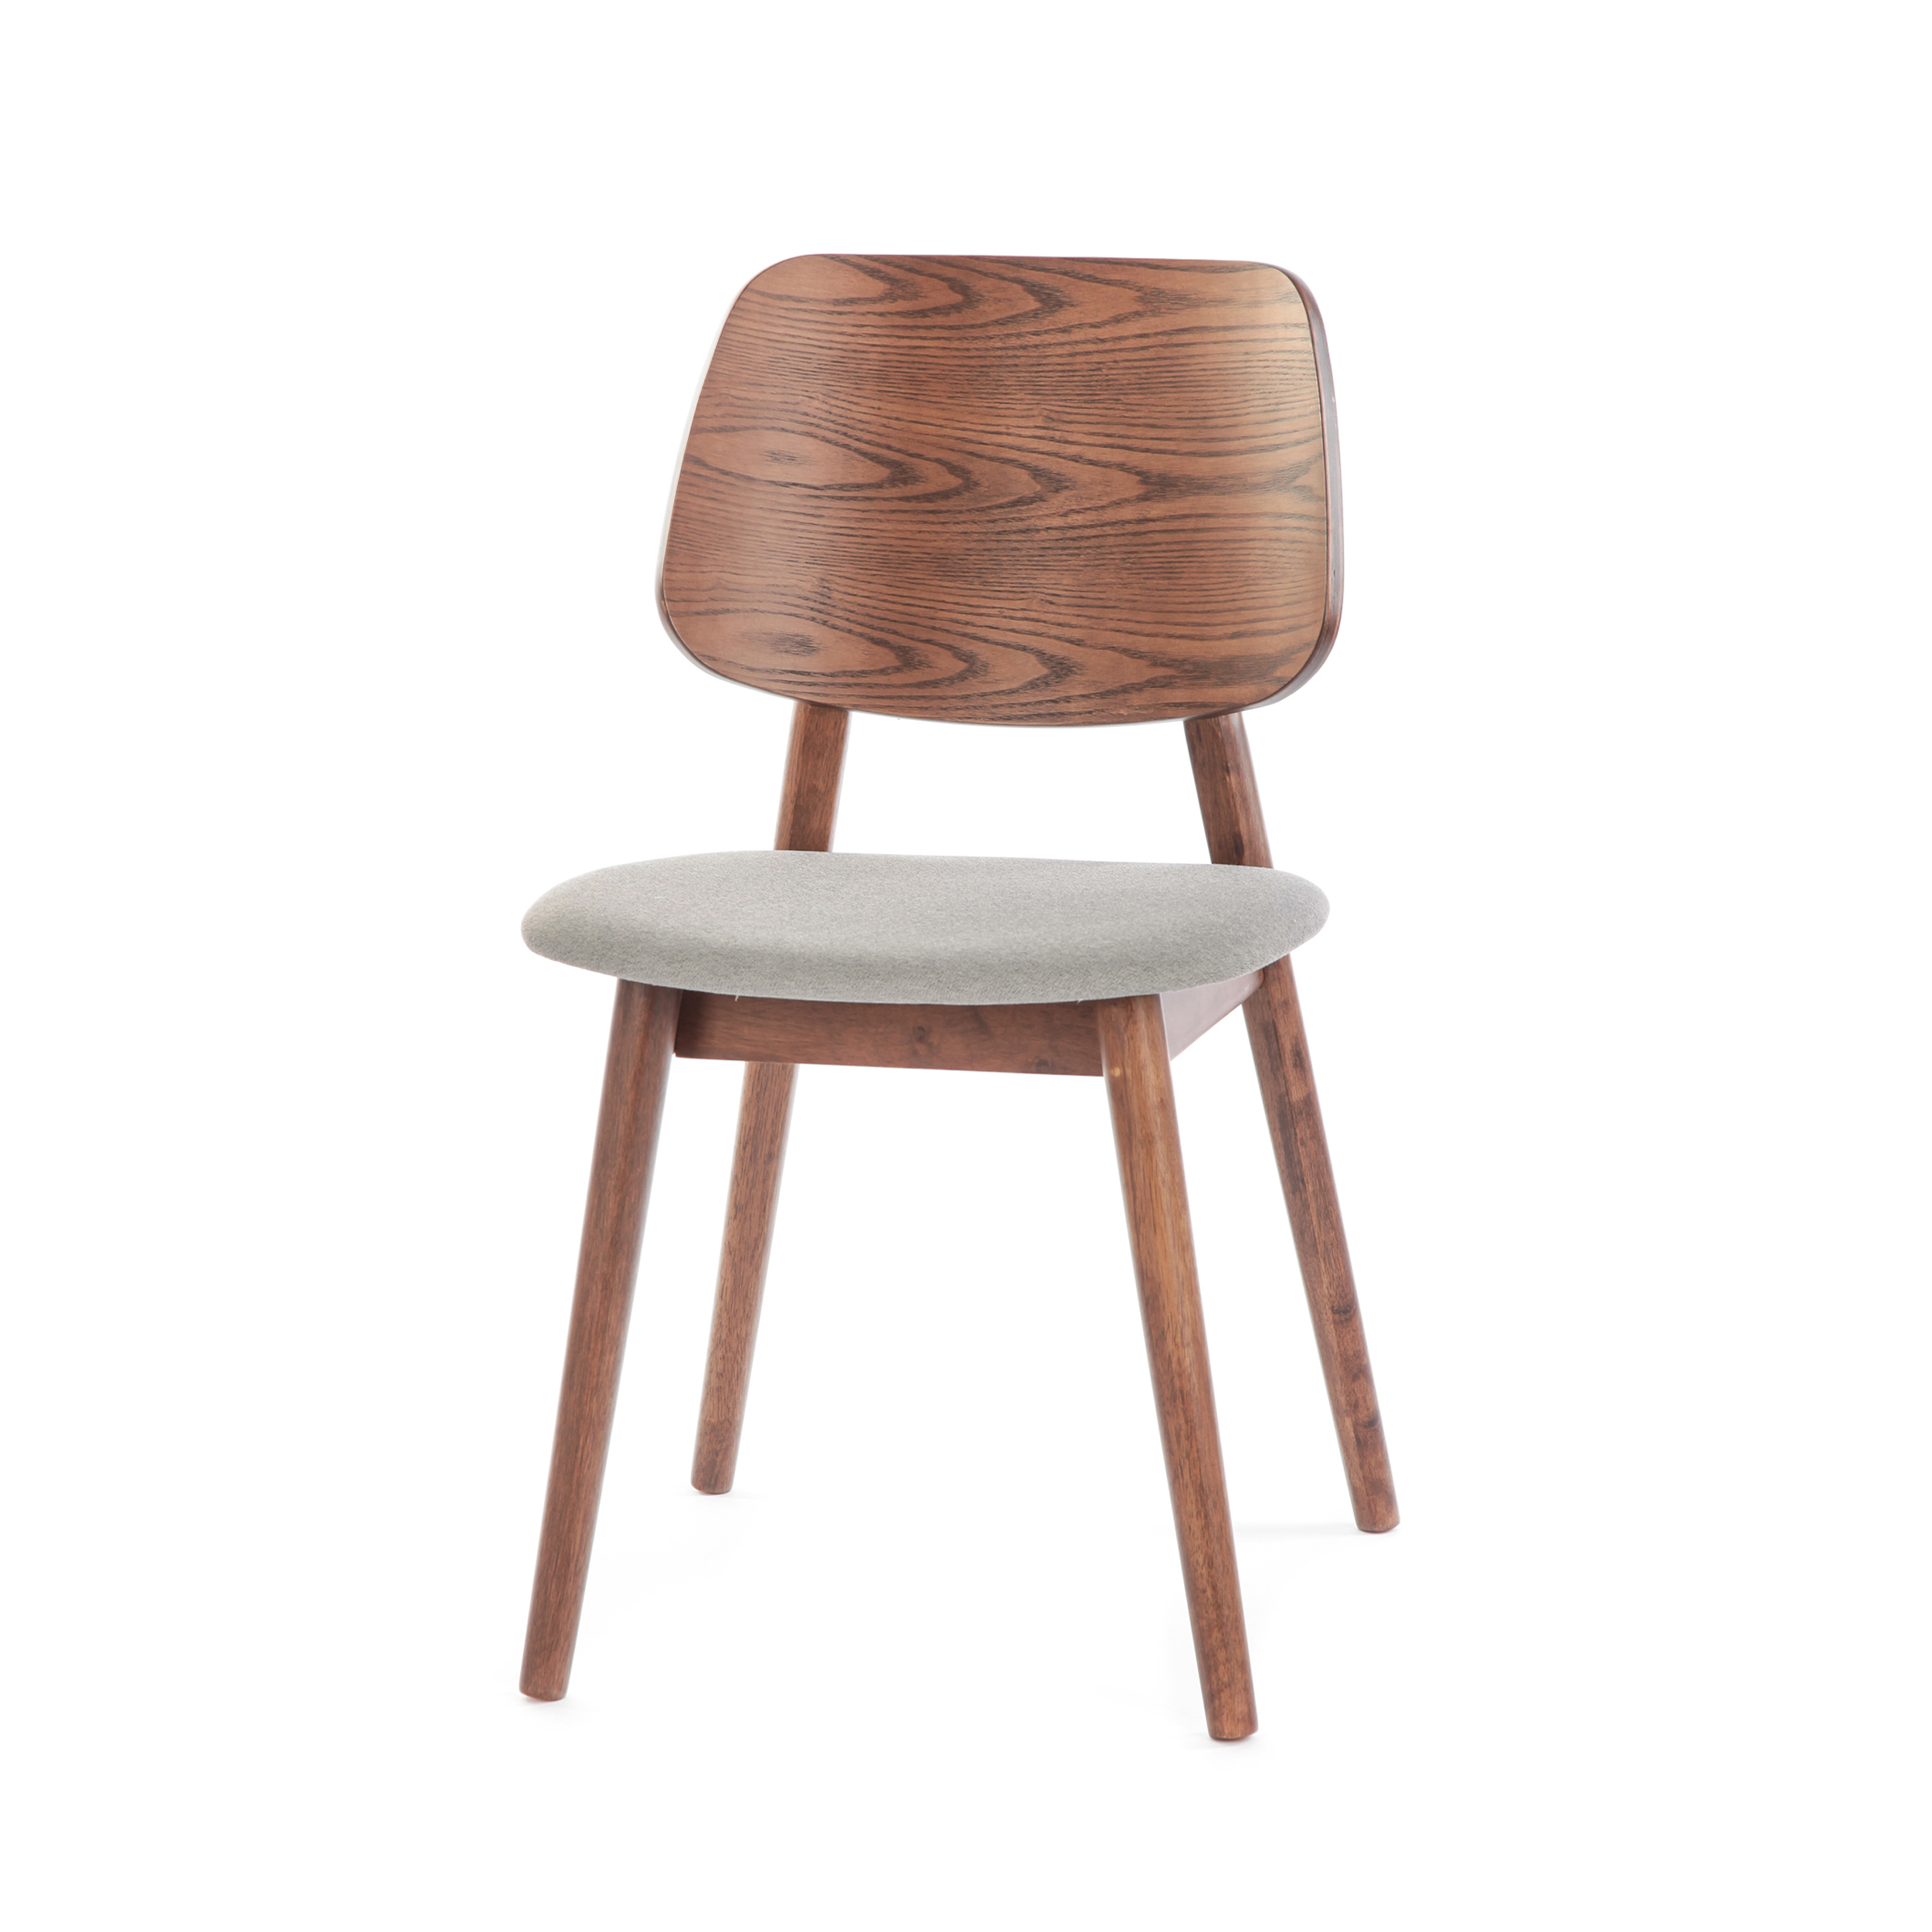 Стул LuusИнтерьерные<br>Простой стиль этой модели делает ее очень функциональной – стул Luus подойдет как для дополнения мебельного ансамбля гостиной комнаты, так и для создания уютной и комфортной обстановки на кухне или в столовой. Стул выполнен в классическом стиле и спокойной цветовой гамме.<br><br><br> На выбор предлагаются различные варианты расцветки под разные породы дерева, однако сам каркас стула изготавливается из прочного и надежного массива ясеня. Изделия из дерева высоко ценятся во многих интерьерных стил...<br><br>stock: 4<br>Высота: 81,5<br>Ширина: 46<br>Глубина: 54,5<br>Цвет ножек: Орех<br>Цвет спинки: Орех<br>Материал ножек: Массив ясеня<br>Материал спинки: Фанера, шпон ясеня<br>Материал сидения: Полиэстер<br>Цвет сидения: Серый<br>Тип материала спинки: Фанера<br>Тип материала сидения: Ткань<br>Тип материала ножек: Дерево